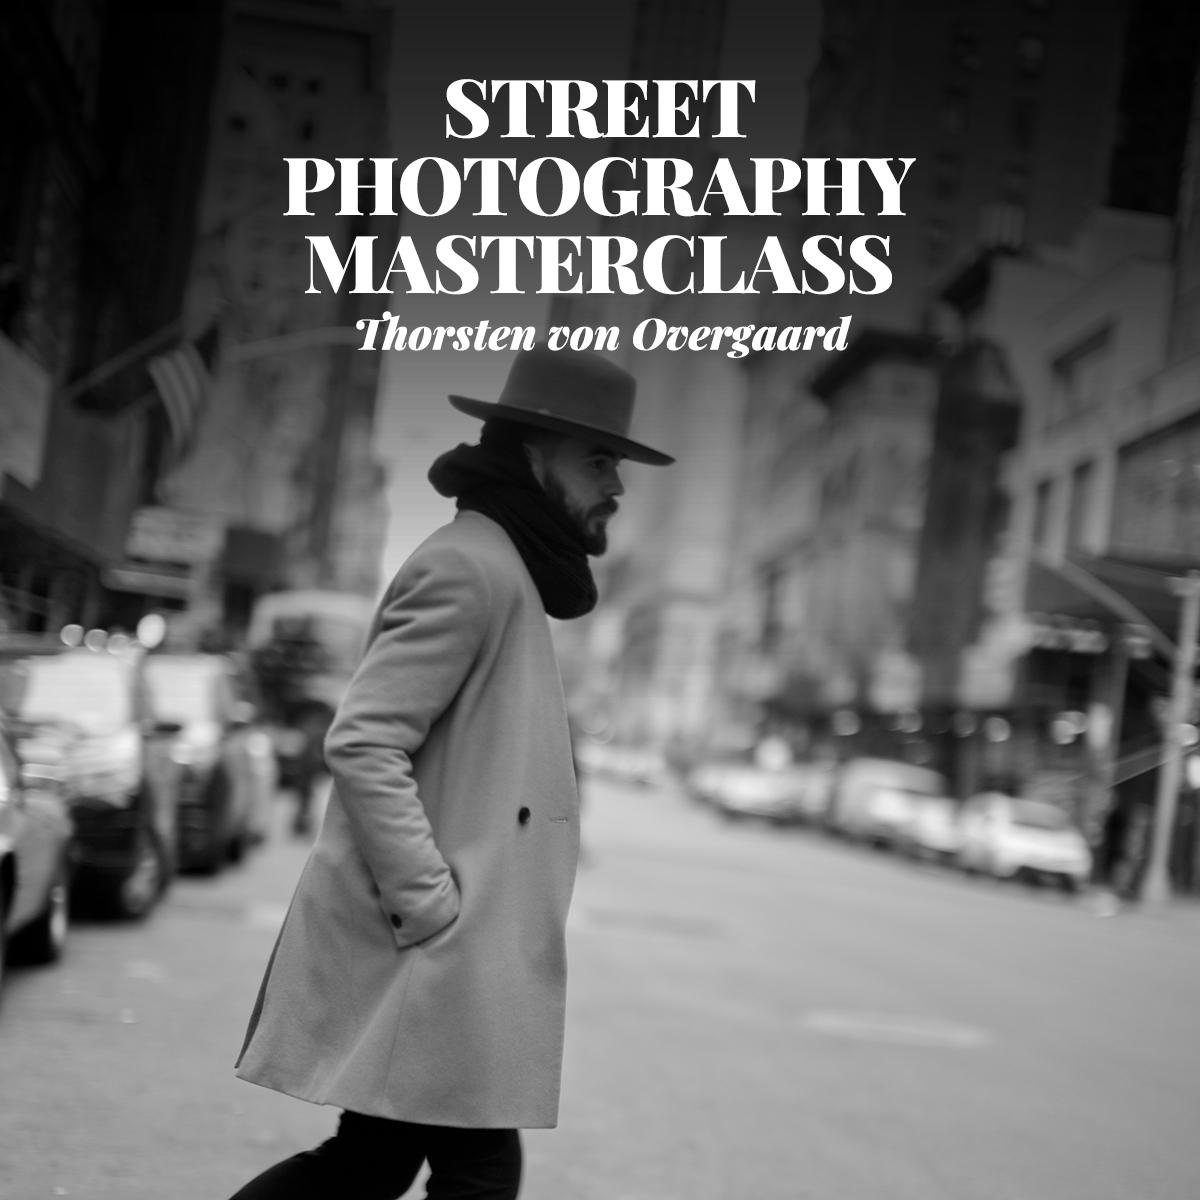 Thorsten von Overgaard Street Photography Masterclass - 1